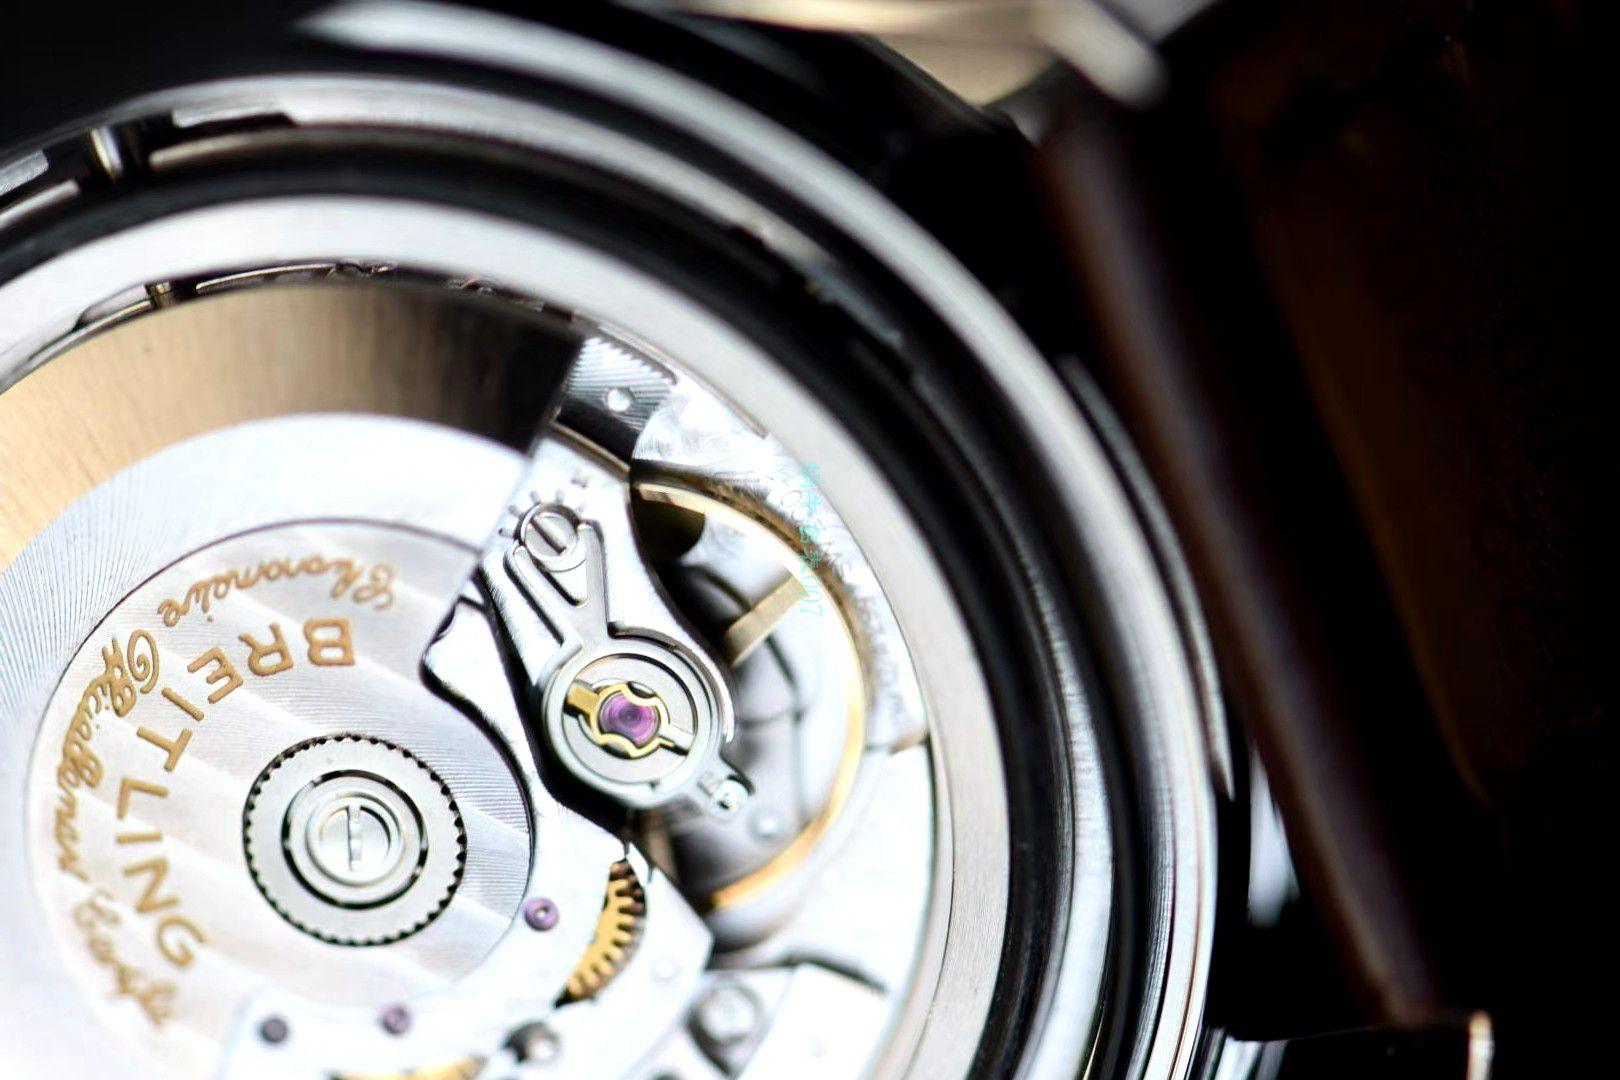 【名表007独家定制瑞士SW机芯】百年灵顶级复刻手表航空计时1系列U17326211G1P1腕表 / BL167